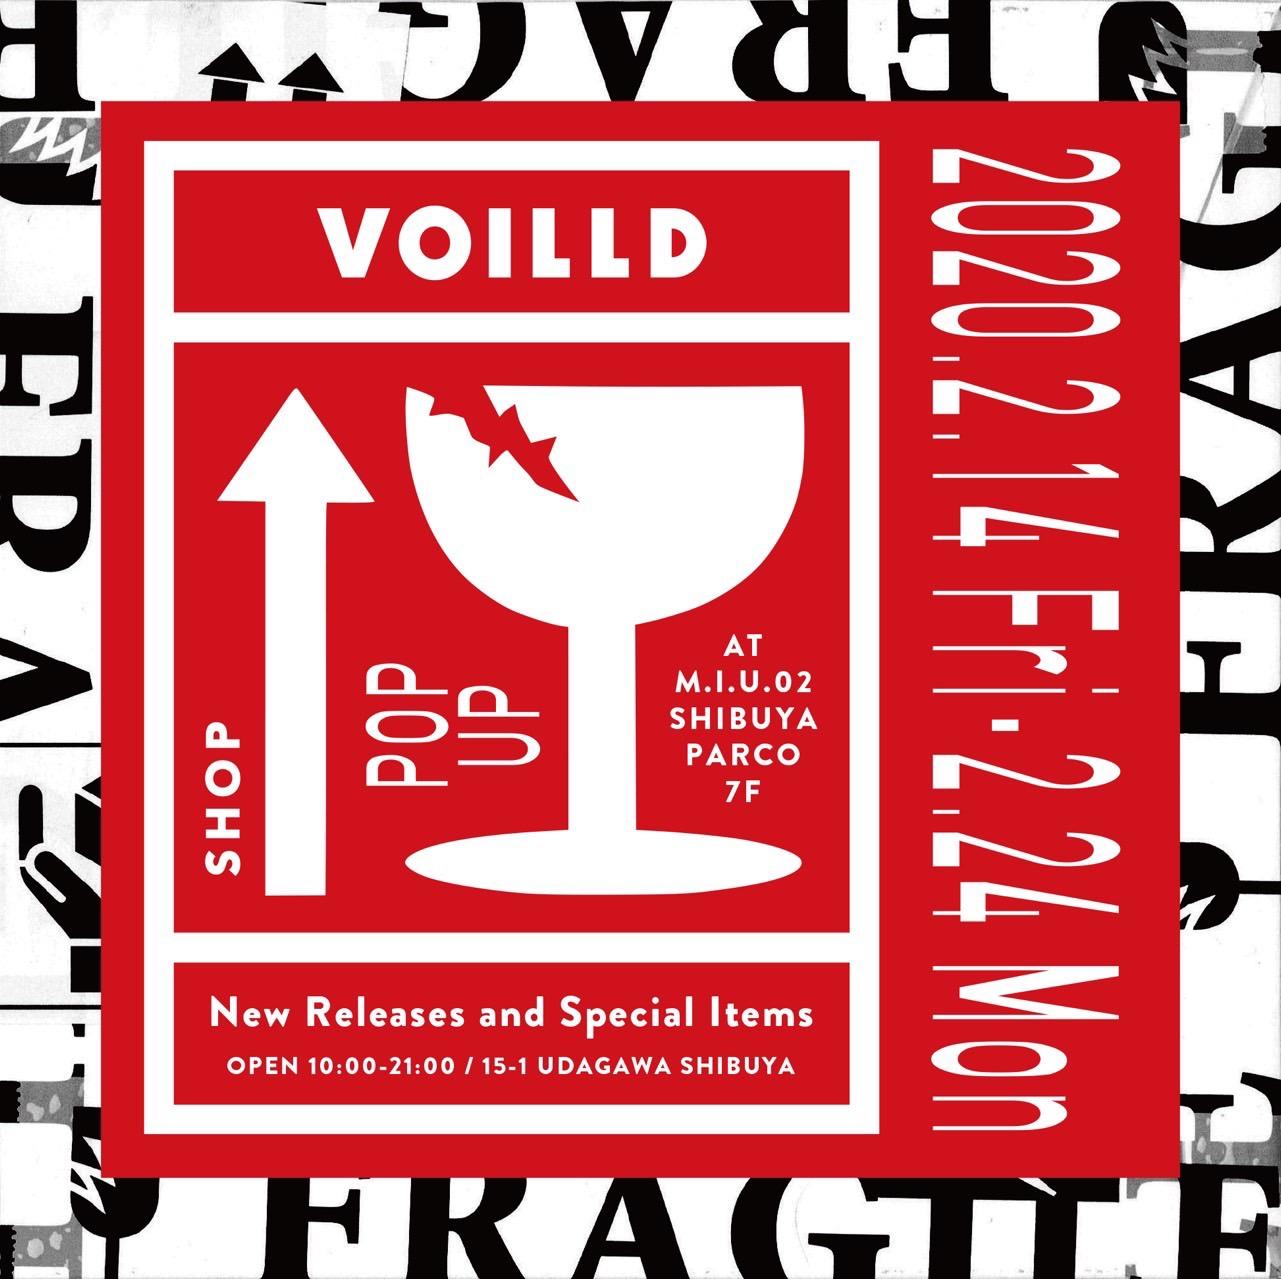 ストリートなイベント【東京】VOILLD POP-UP SHOP at M.I.U. N°2 VOILLDのポップアップがM.I.U. N°2で開催!